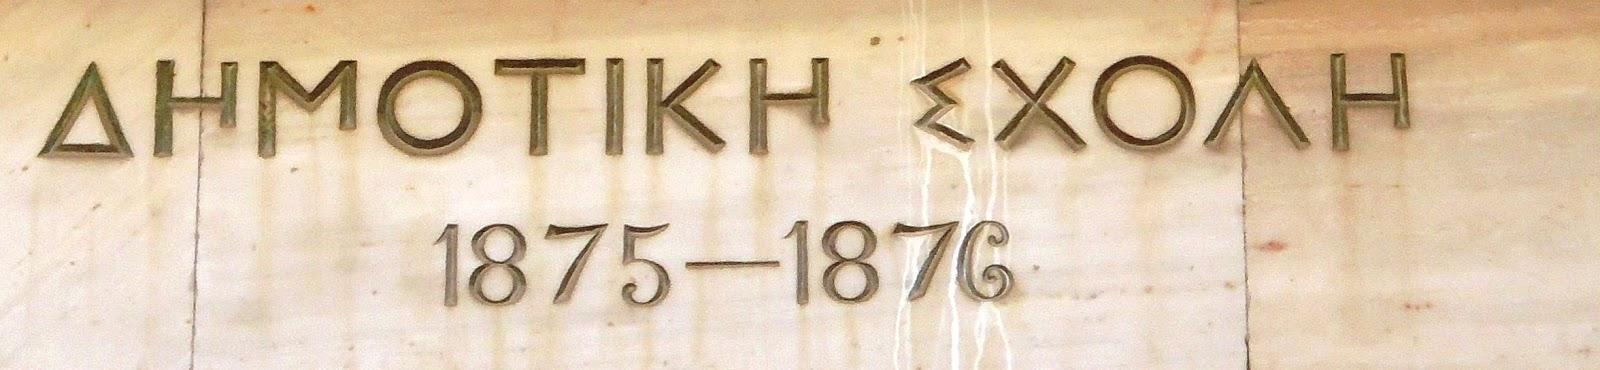 Οδός Ελλήνων: Φωτογραφίες από το 74ο Δημοτικό Σχολείο των Αθηνών